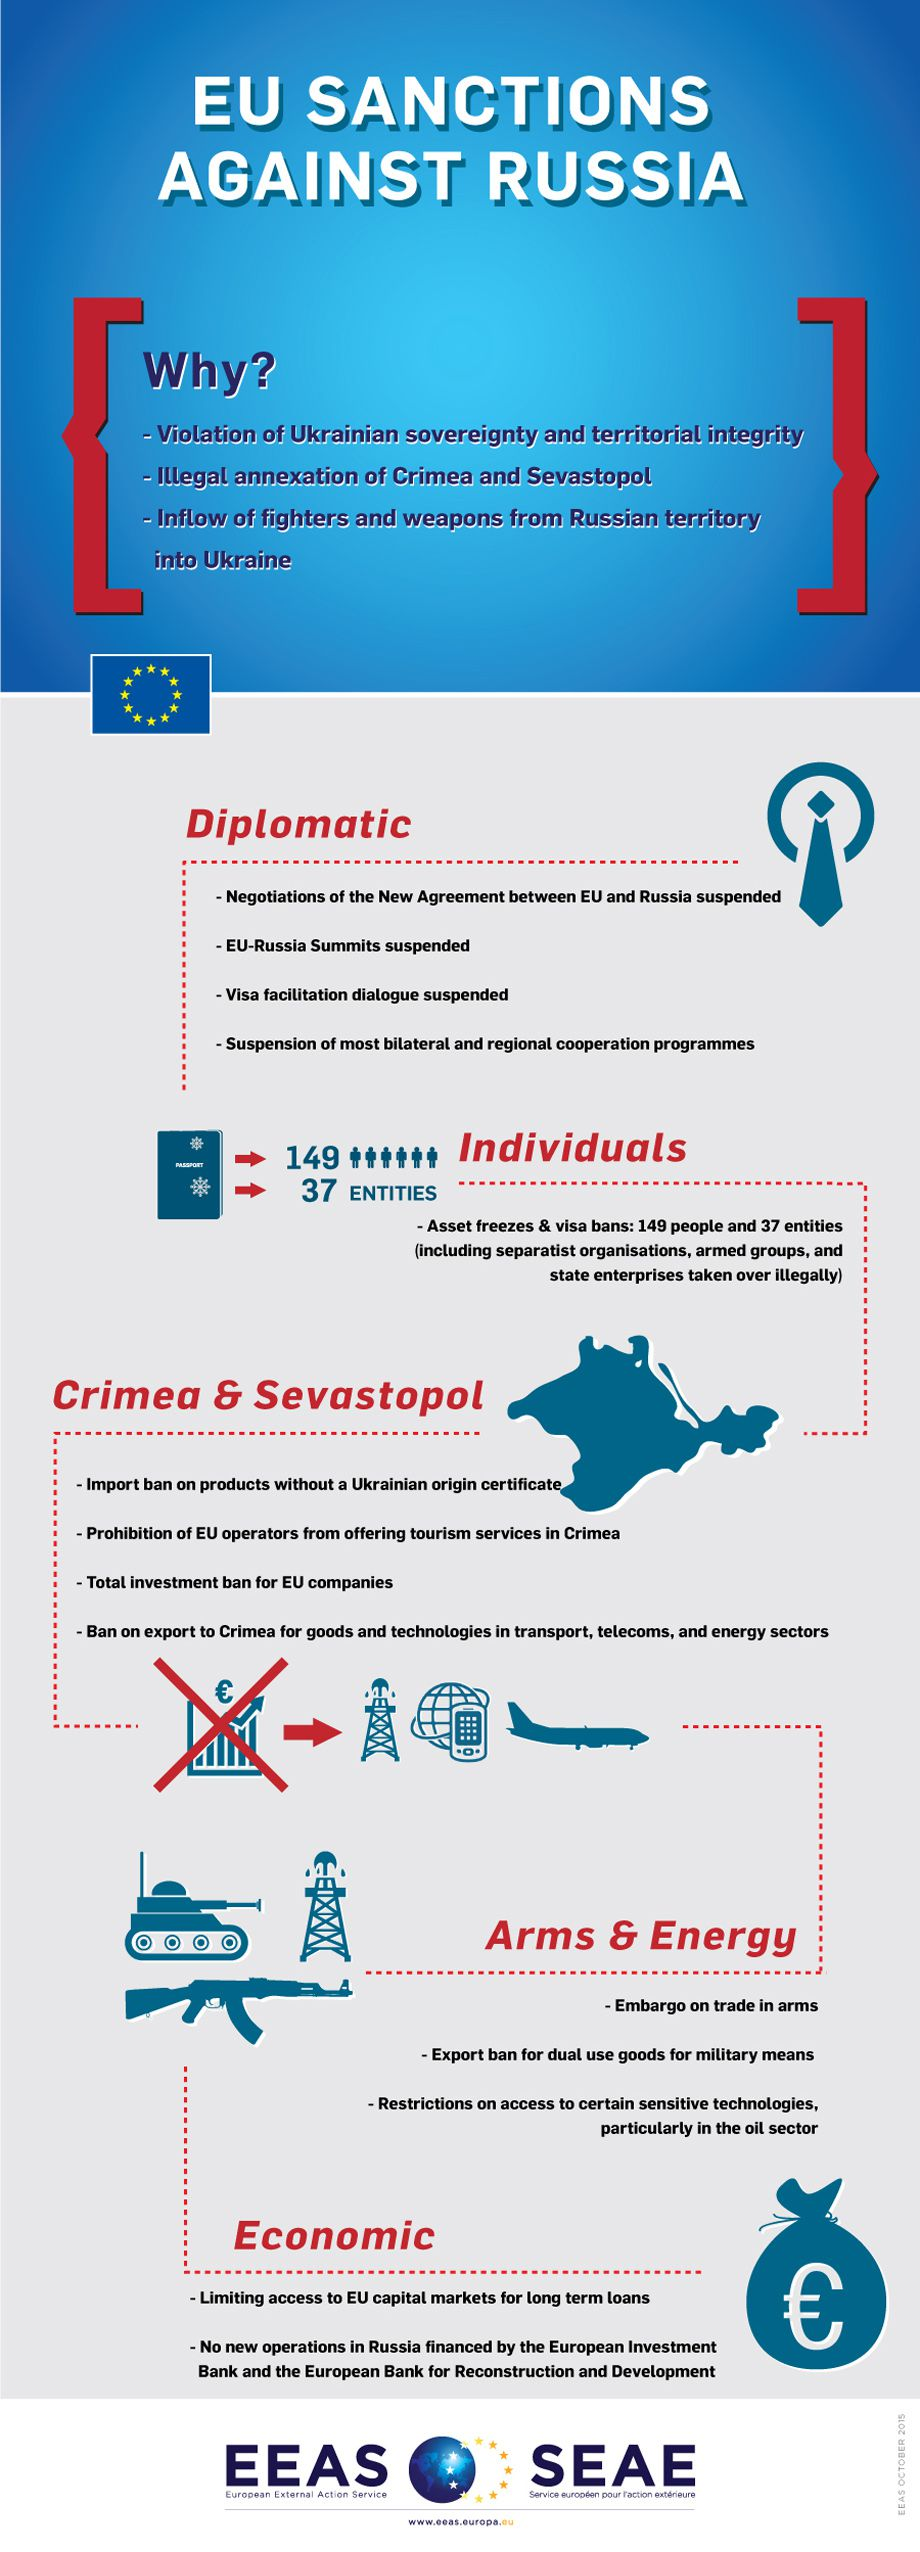 eu-sanctions-against-russia-07-10-2015_en